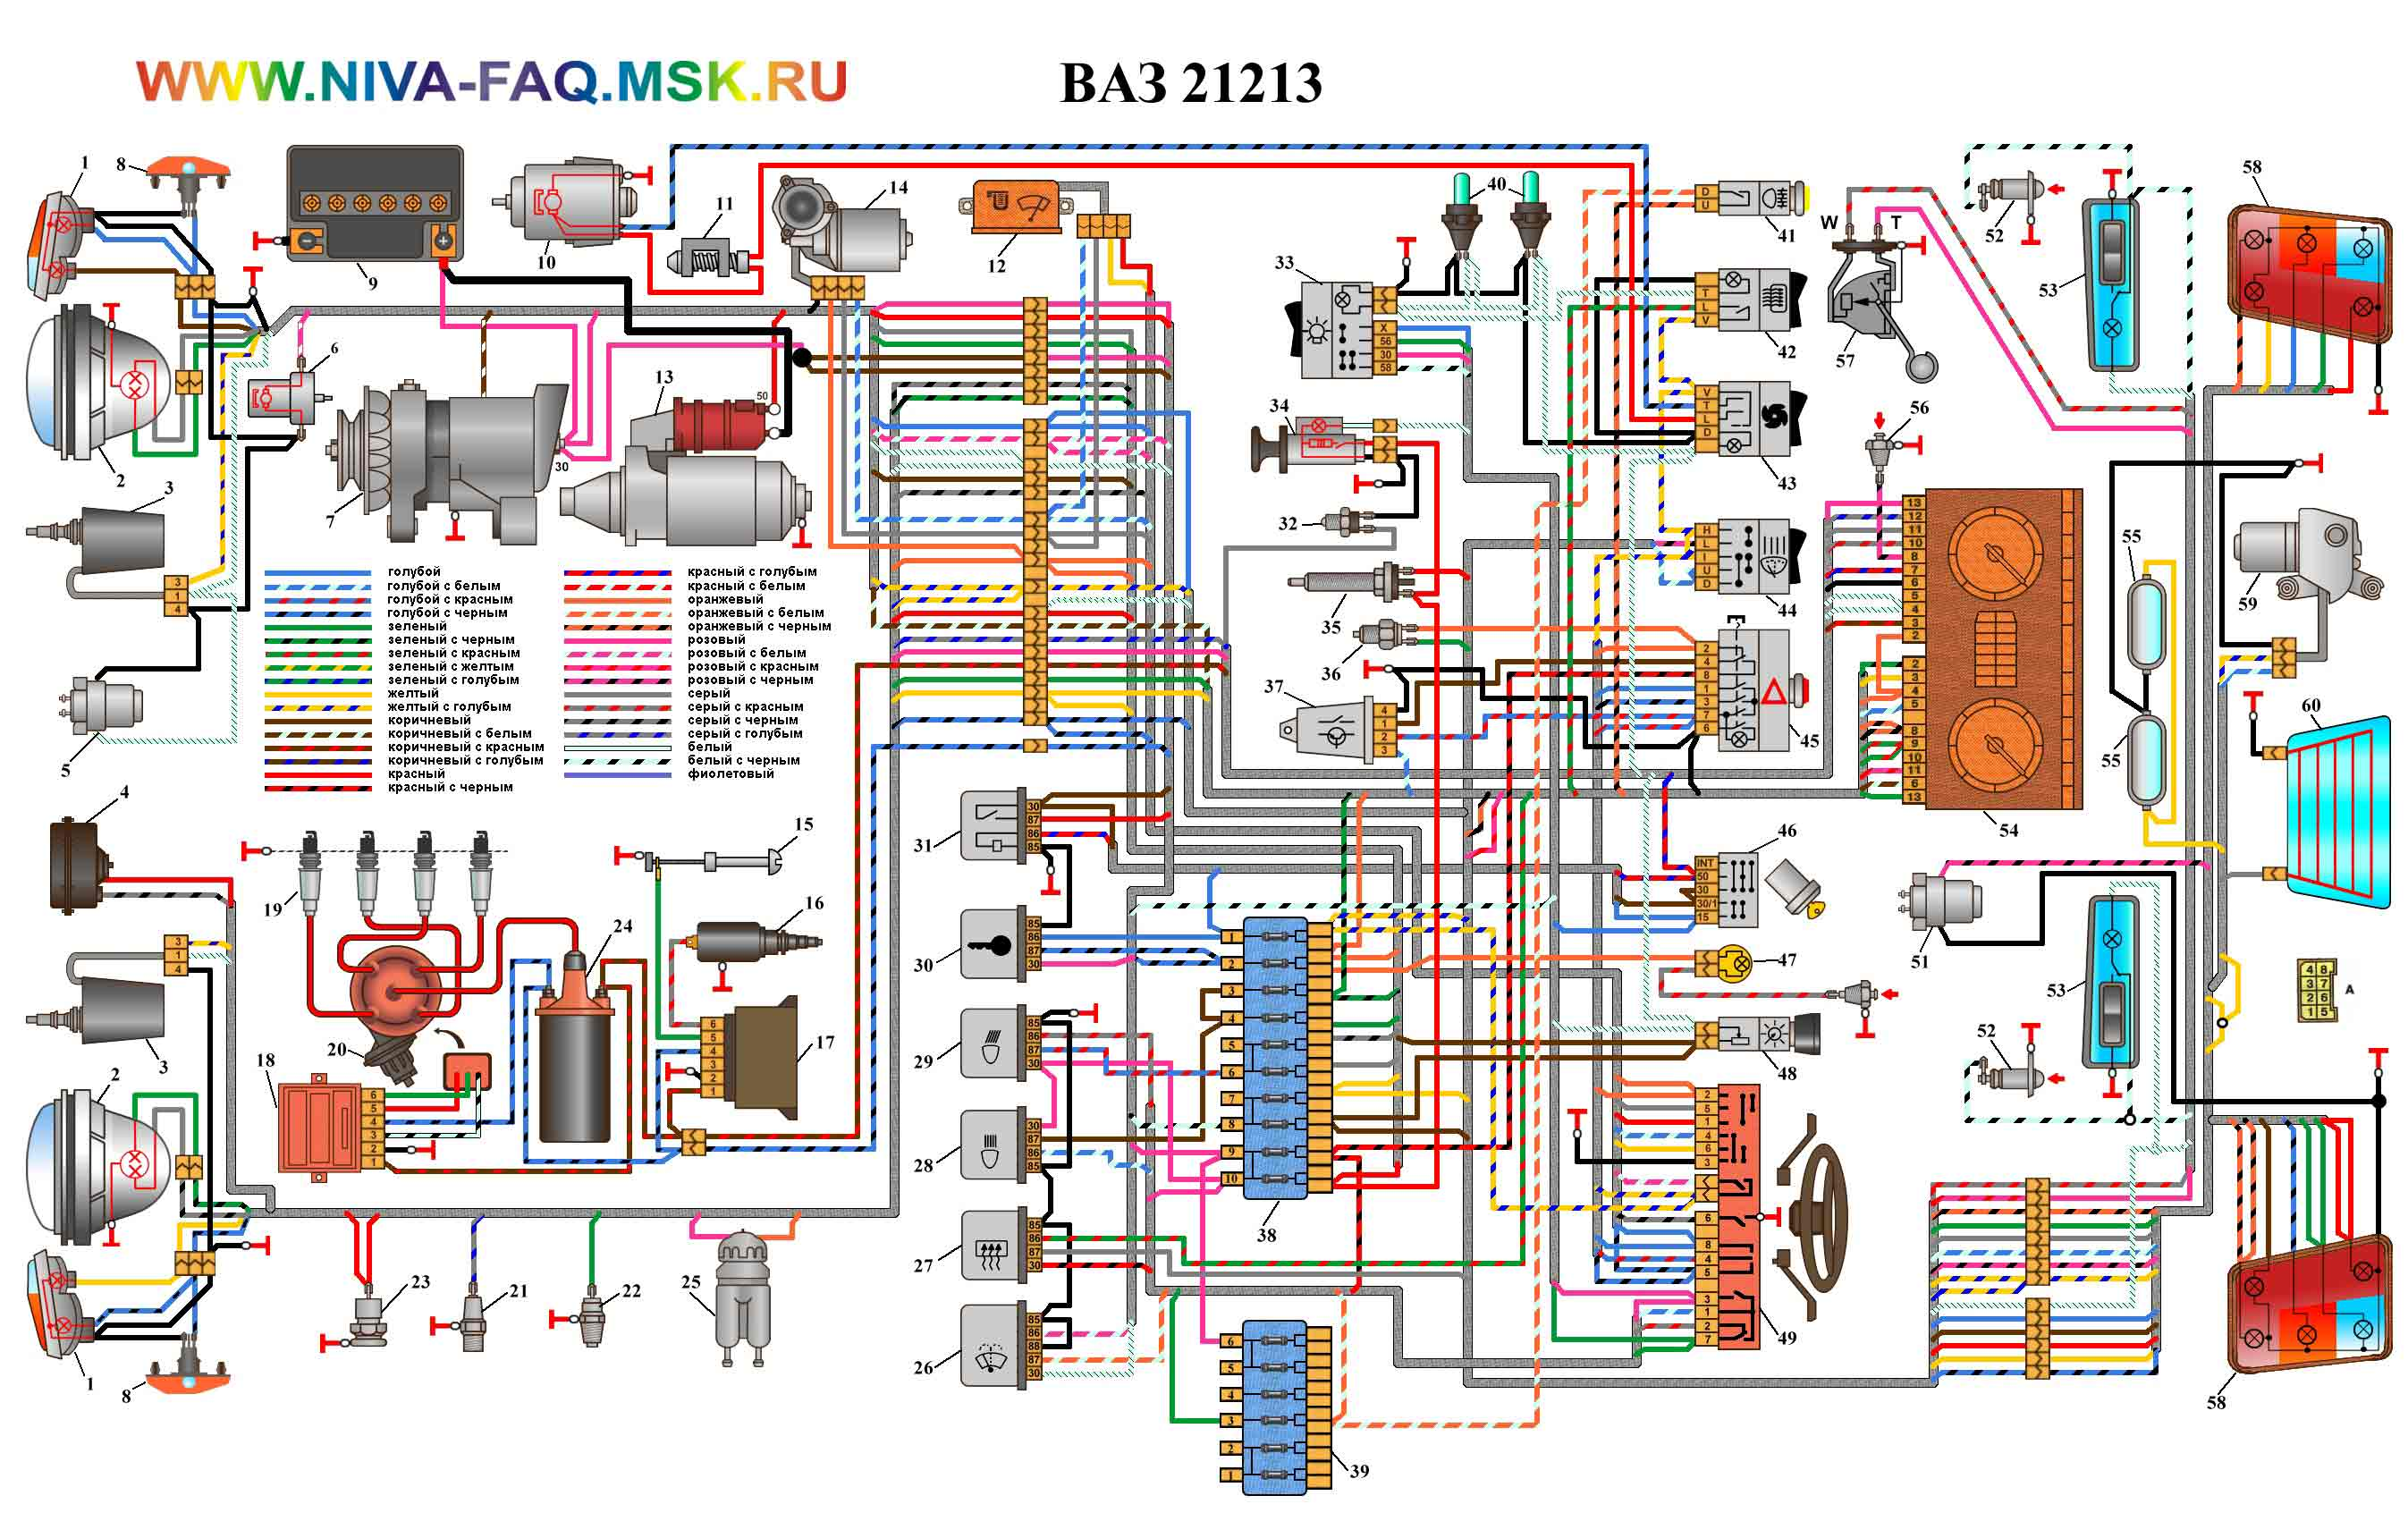 ЭЛЕКТРОСХЕМА НИВА для отечественного схемы в хорошем качестве для Нива ВАЗ-21213.